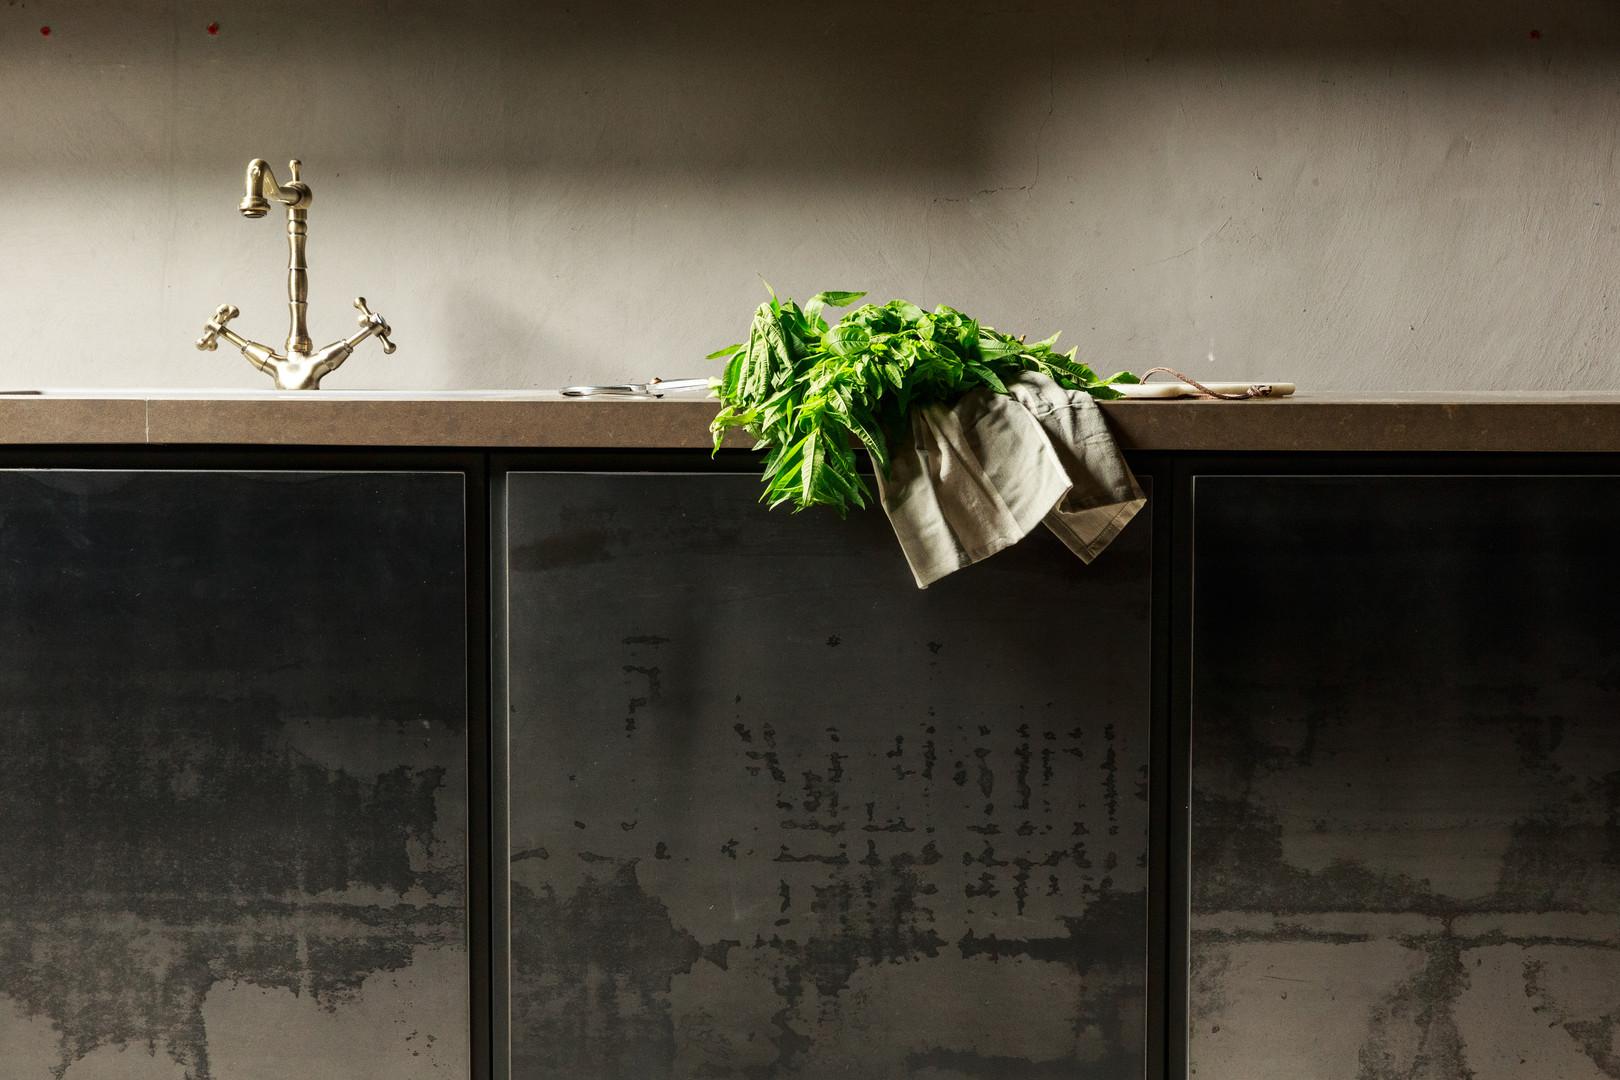 מטבח מבחוץ מראה תעשייתי, בפנים פונקציונלי ויעיל